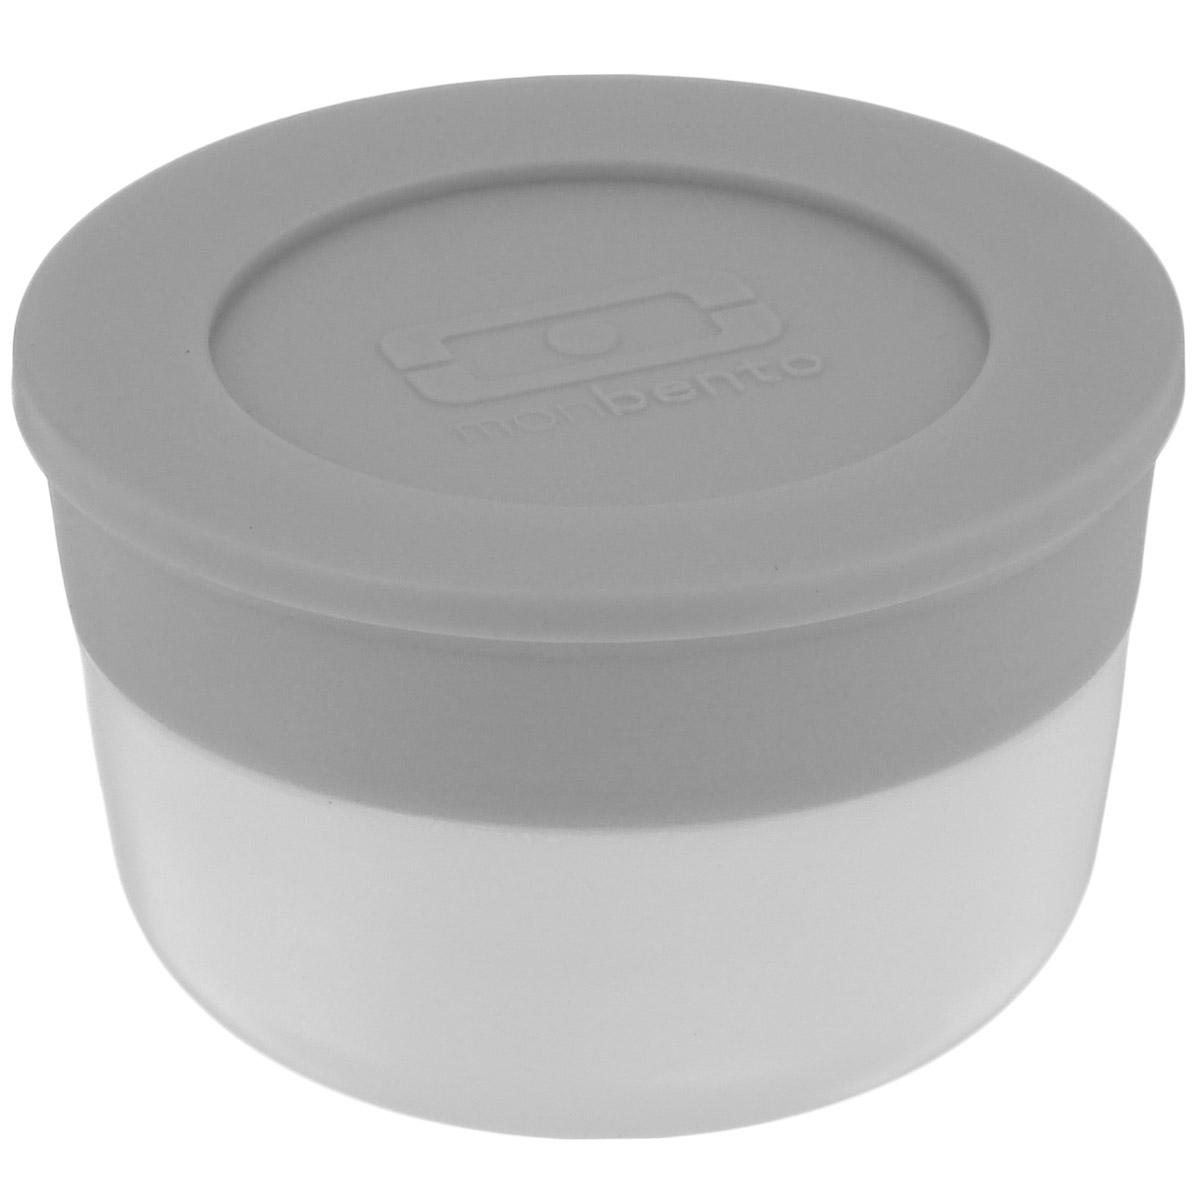 Соусница Monbento MB Temple, с крышкой, цвет: белый, серый, диаметр 5 см, 28 мл1005 02 010Соусница с крышкой Monbento MB Temple - удобное дополнение к ланч-боксу, которое позволит заправить соусом салат или гарнир прямо перед едой. Соусница изготовлена из полипропилена и имеет герметичную плотно закручивающуюся силиконовую крышечку. Идеально помещается в ланч-бокс от Monbento, занимая минимум места. Можно мыть в посудомоечной машине, а также хранить в морозильной камере. Диаметр соусницы: 5 см. Объем соусницы: 28 мл. Высота соусницы (с учетом крышки): 3,2 см. Диаметр по верхнему краю: 4,2 см.